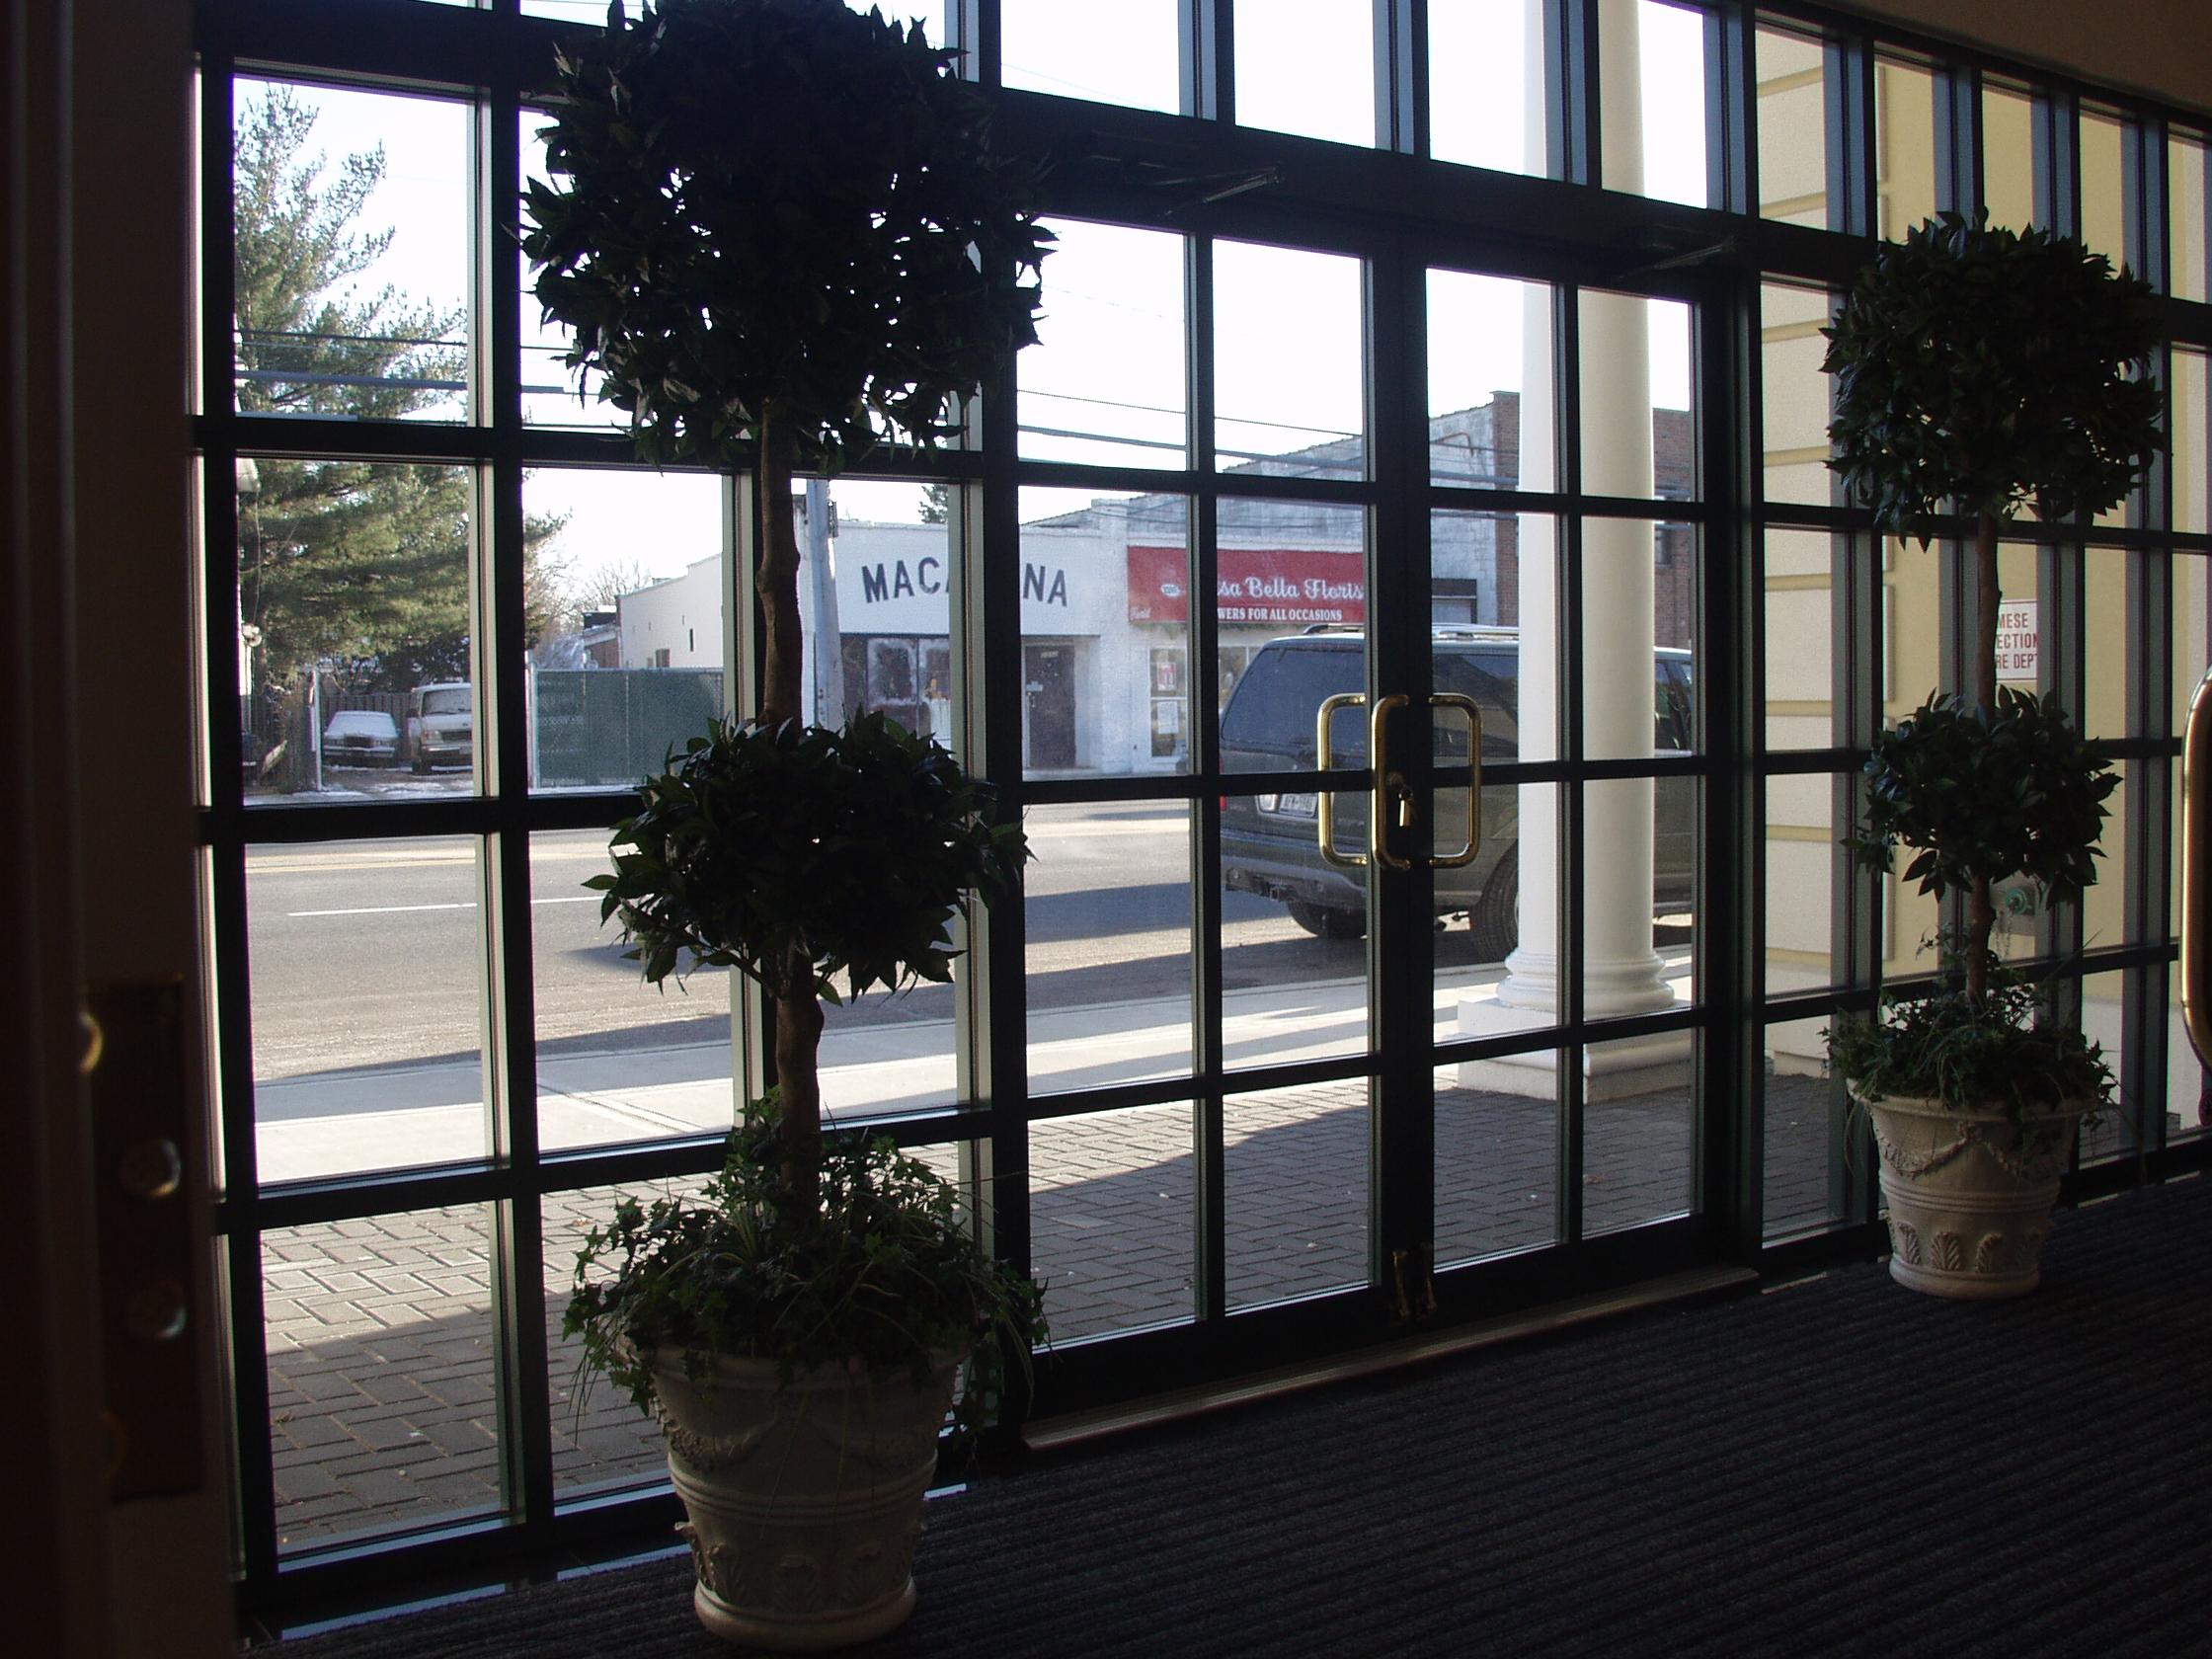 Bldg Lobby New Hyde Park NY